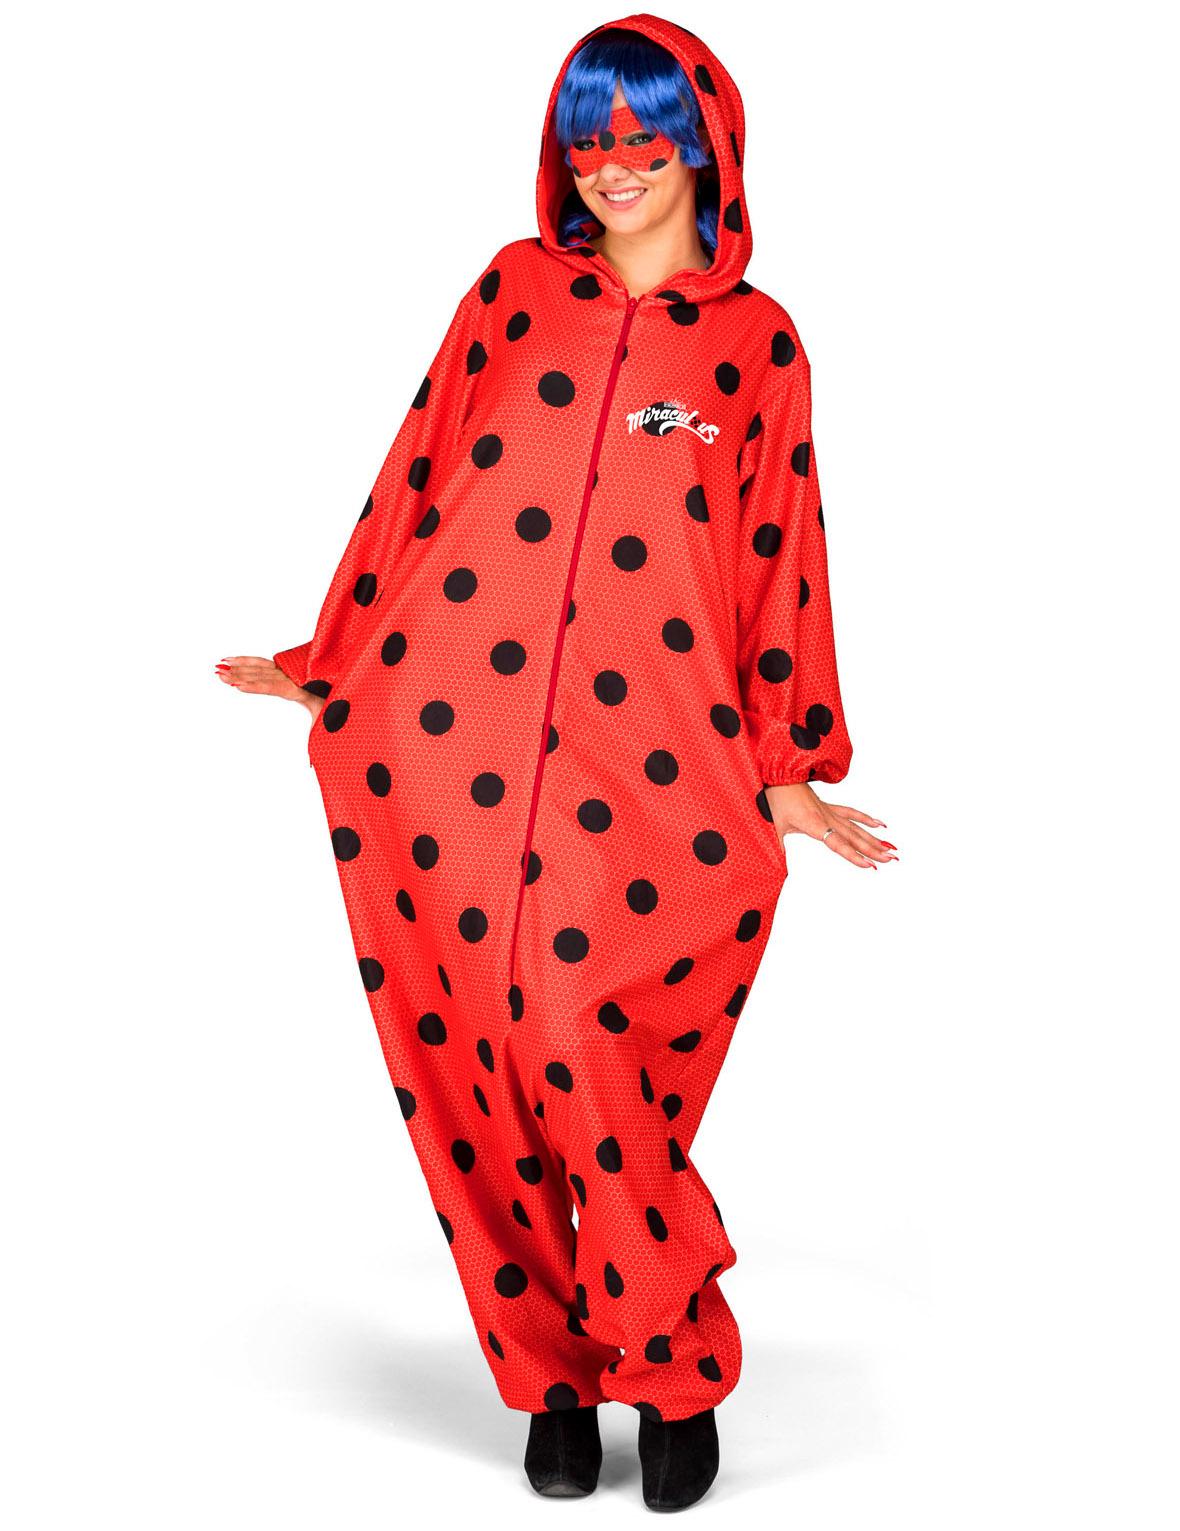 d guisement combinaison ladybug adulte deguise toi achat de d guisements adultes. Black Bedroom Furniture Sets. Home Design Ideas